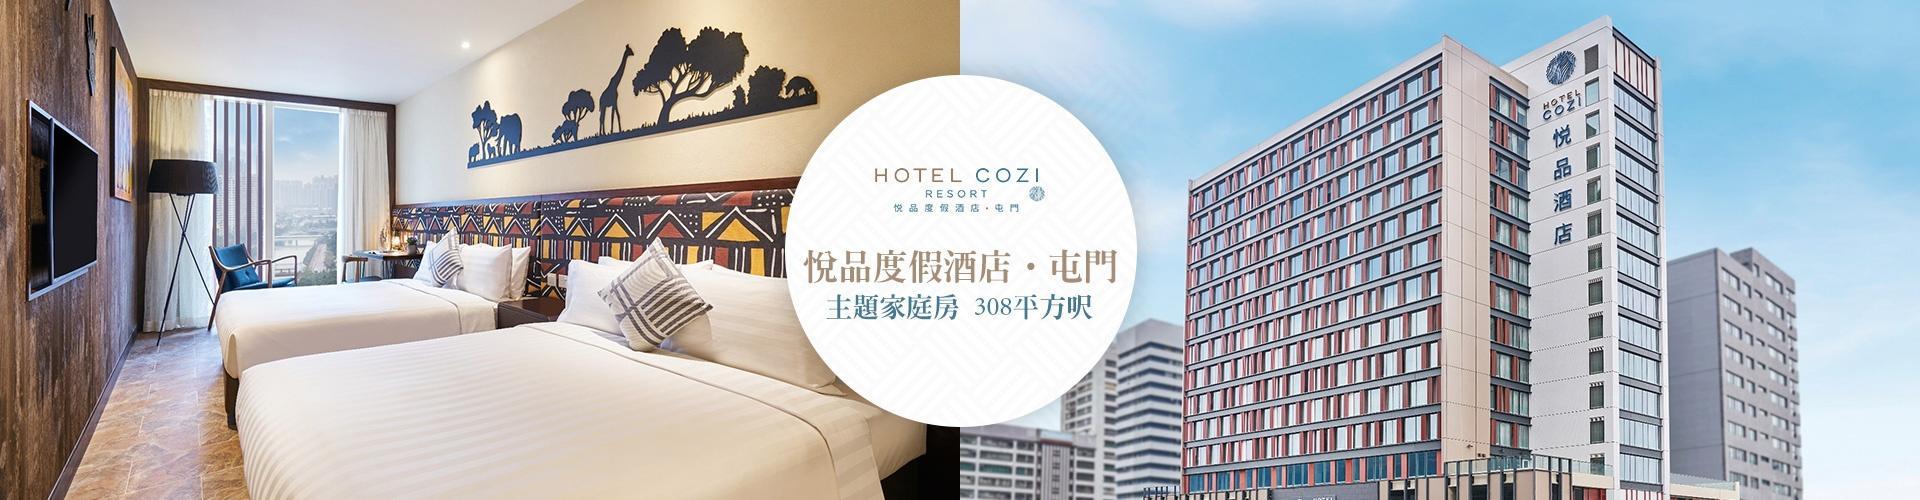 悅品度假酒店‧屯門 (主題家庭房308平方呎) 住宿優惠套票